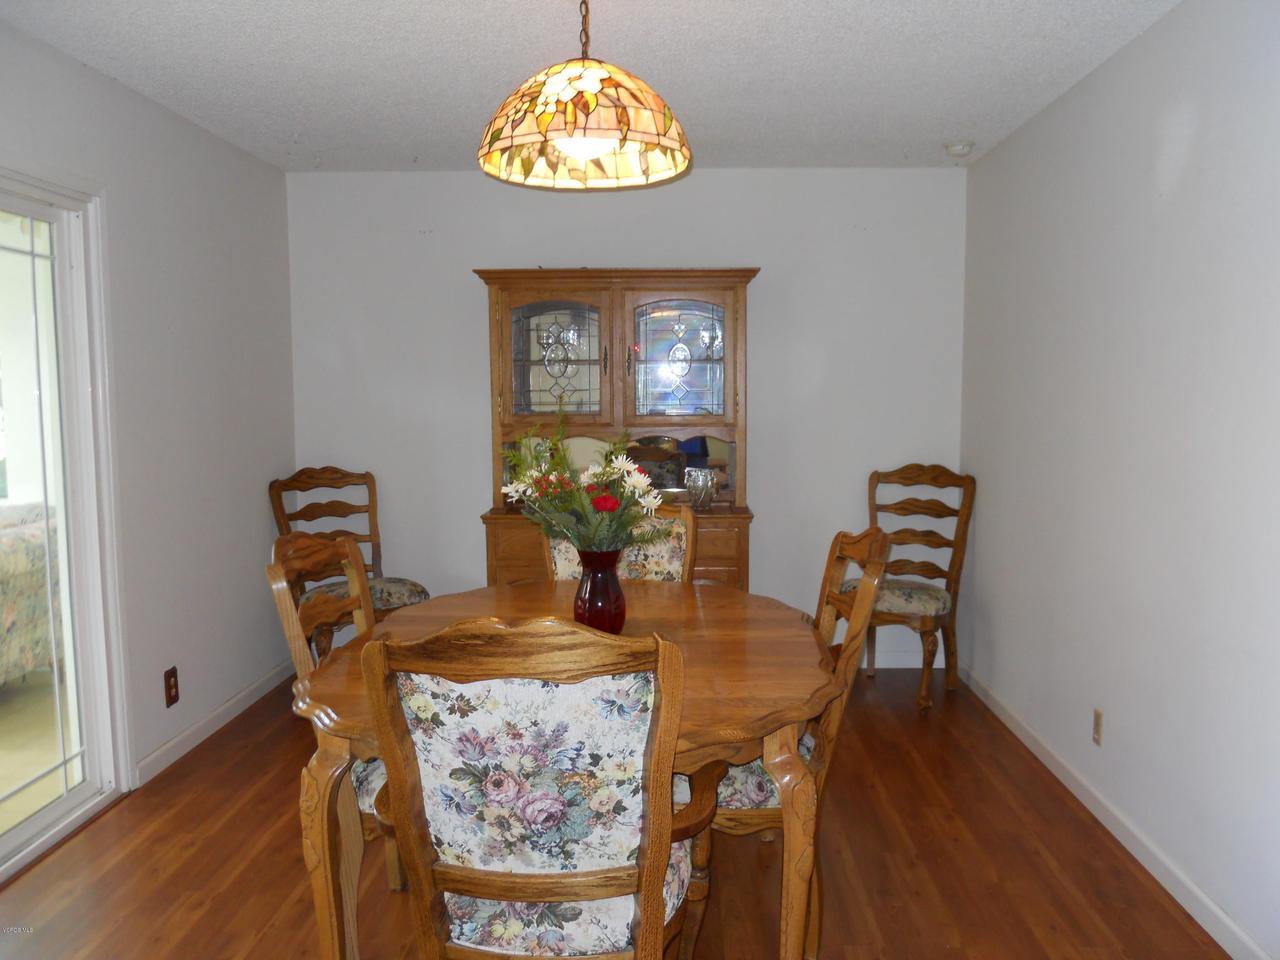 1207 SEYBOLT, Camarillo, CA 93010 - Dining Room